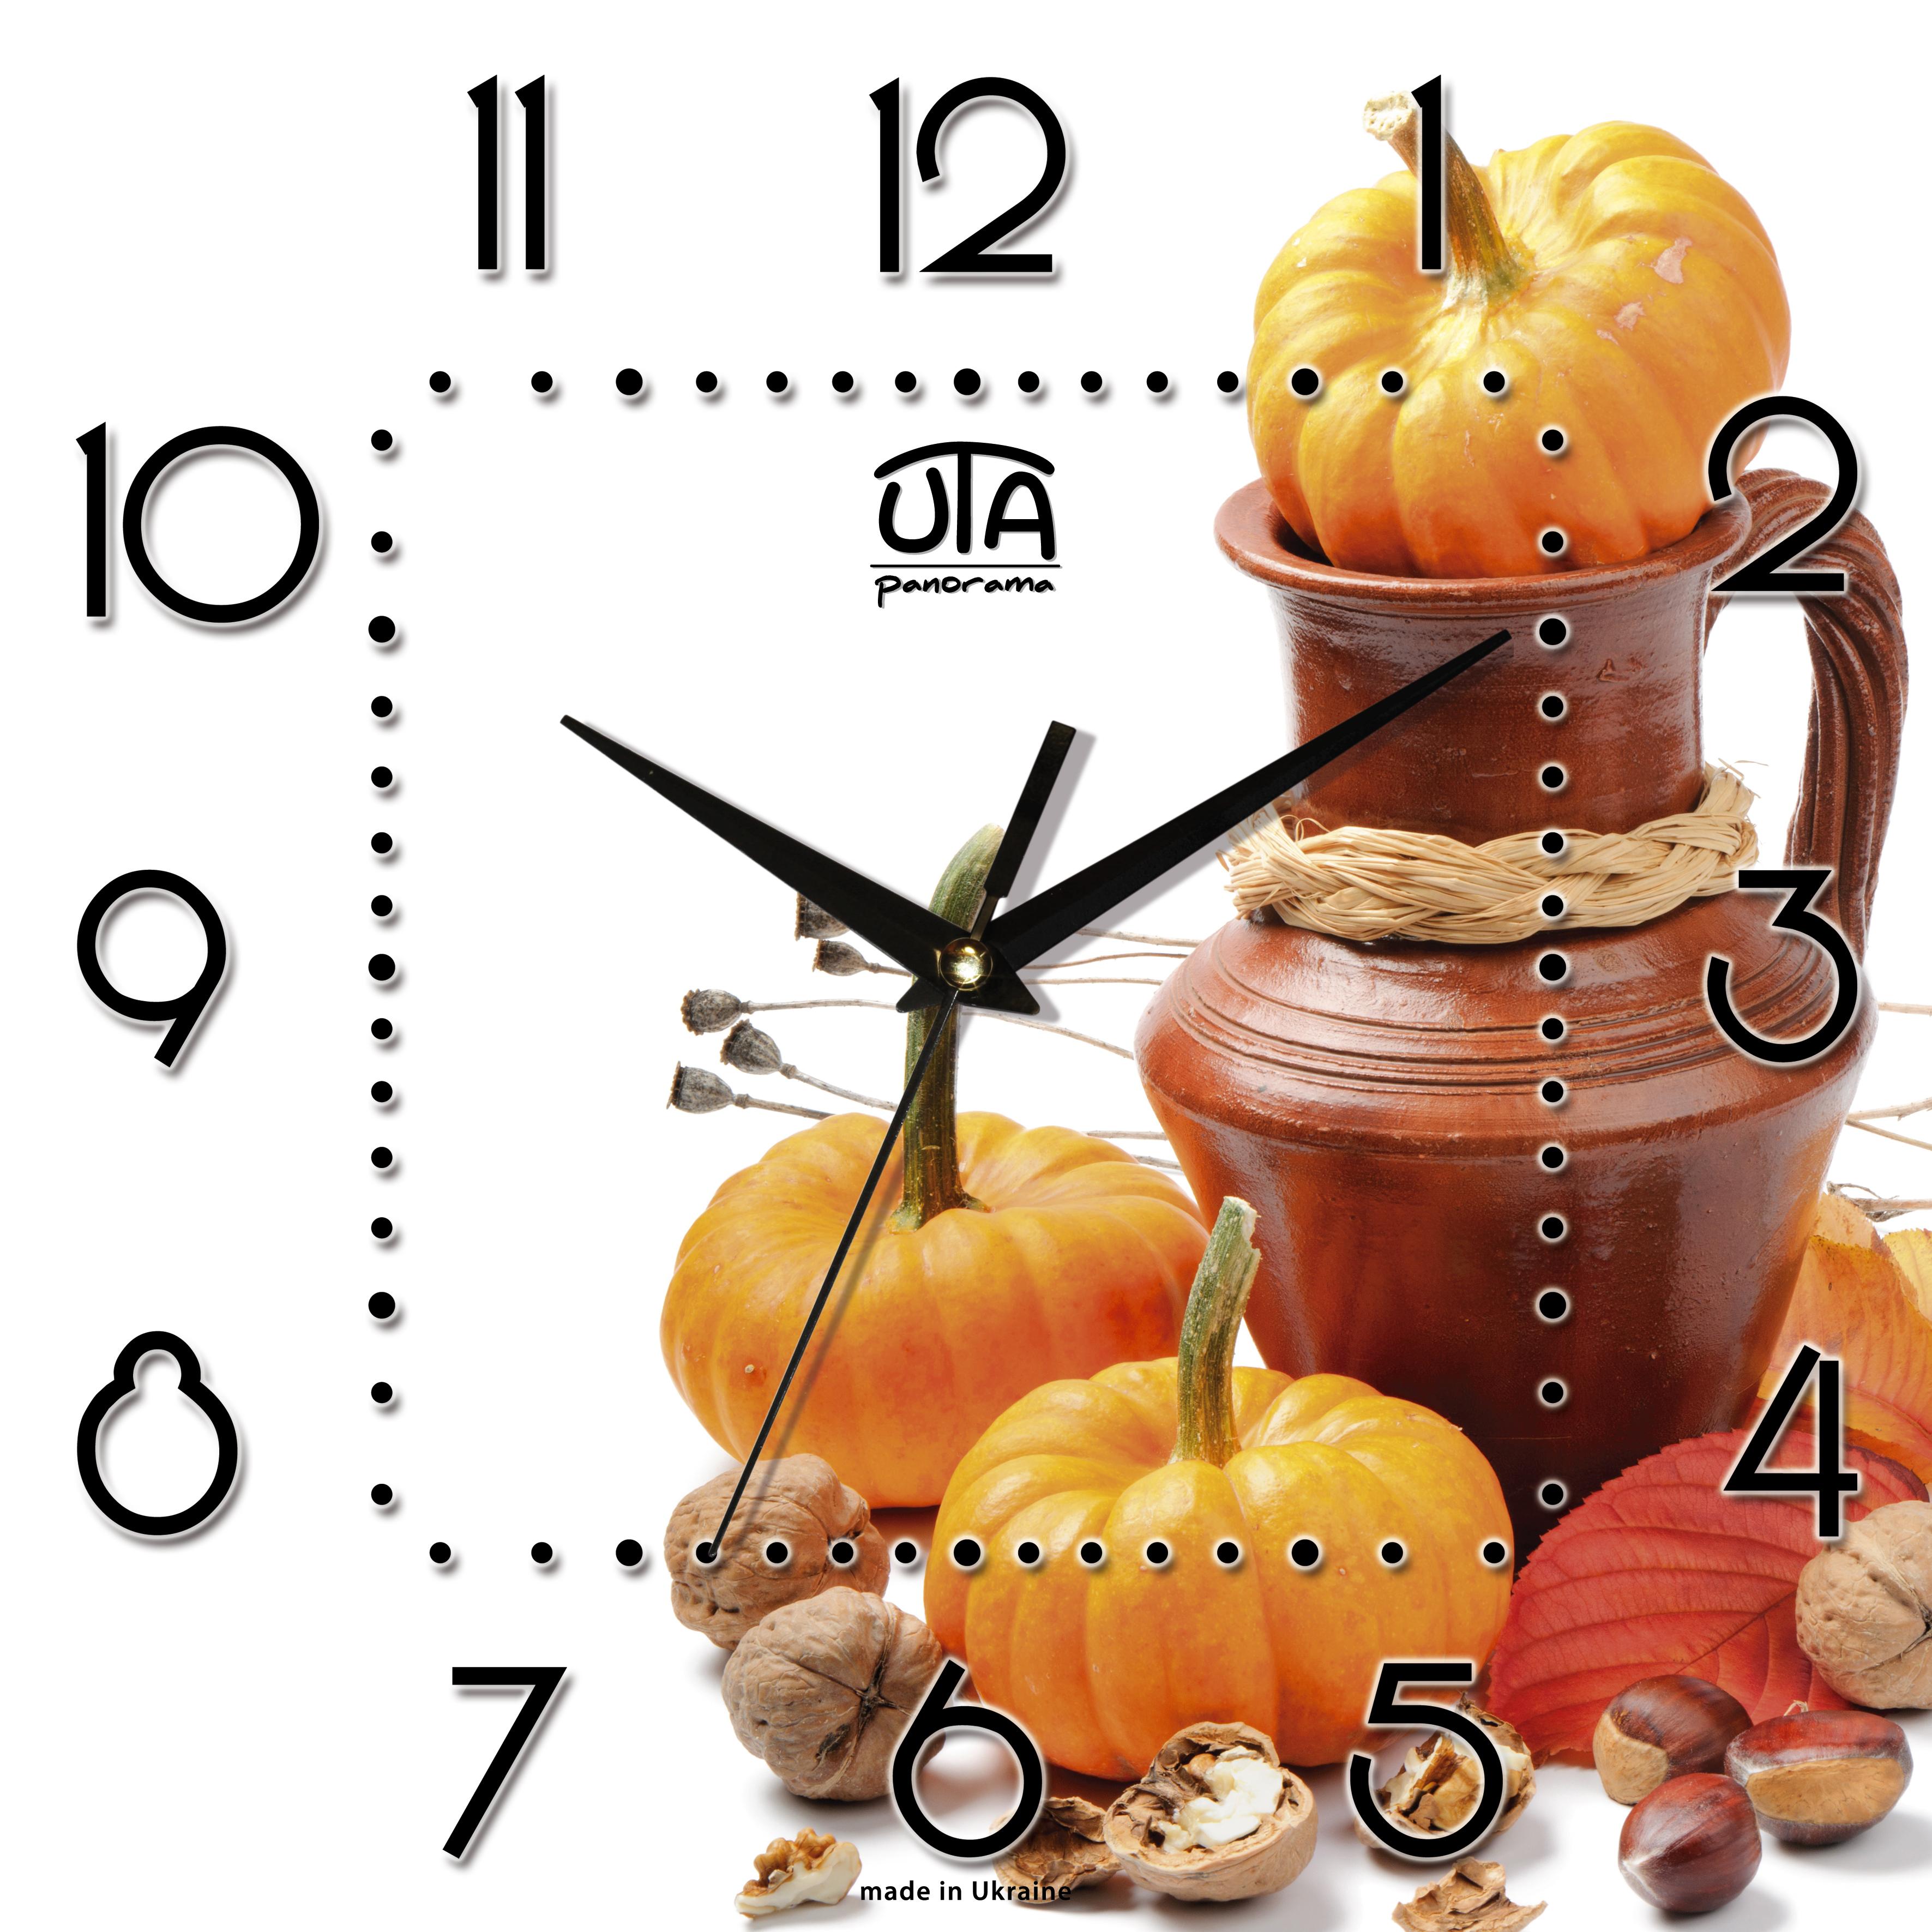 Настенные часы ЮТА 'Панорама' (K - 010)